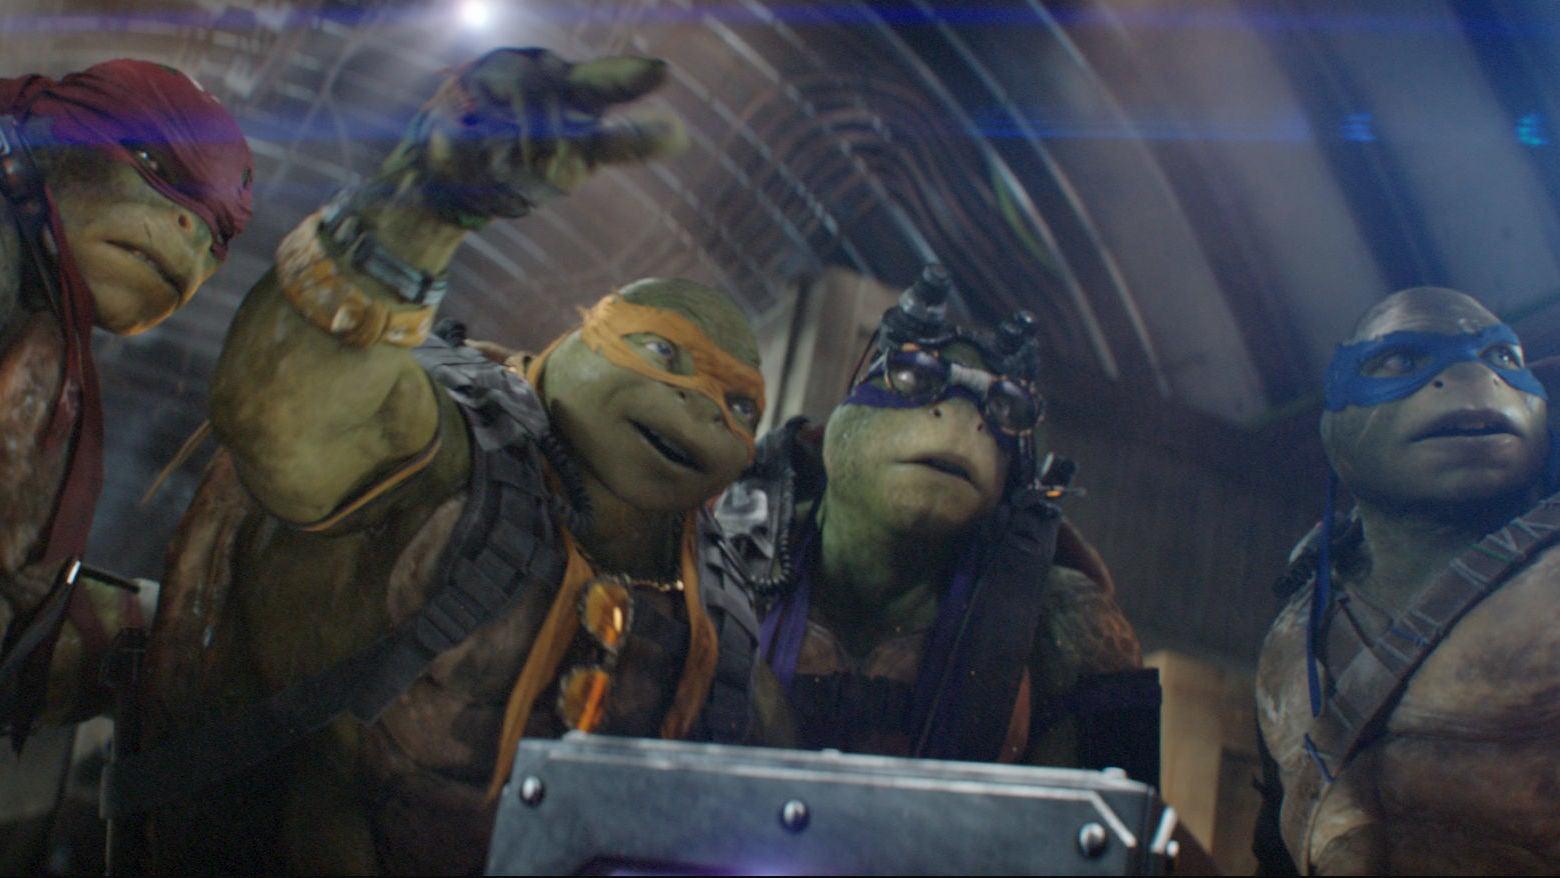 TheTeenage Mutant Ninja TurtlesFranchise Is Being Rebooted (Again)